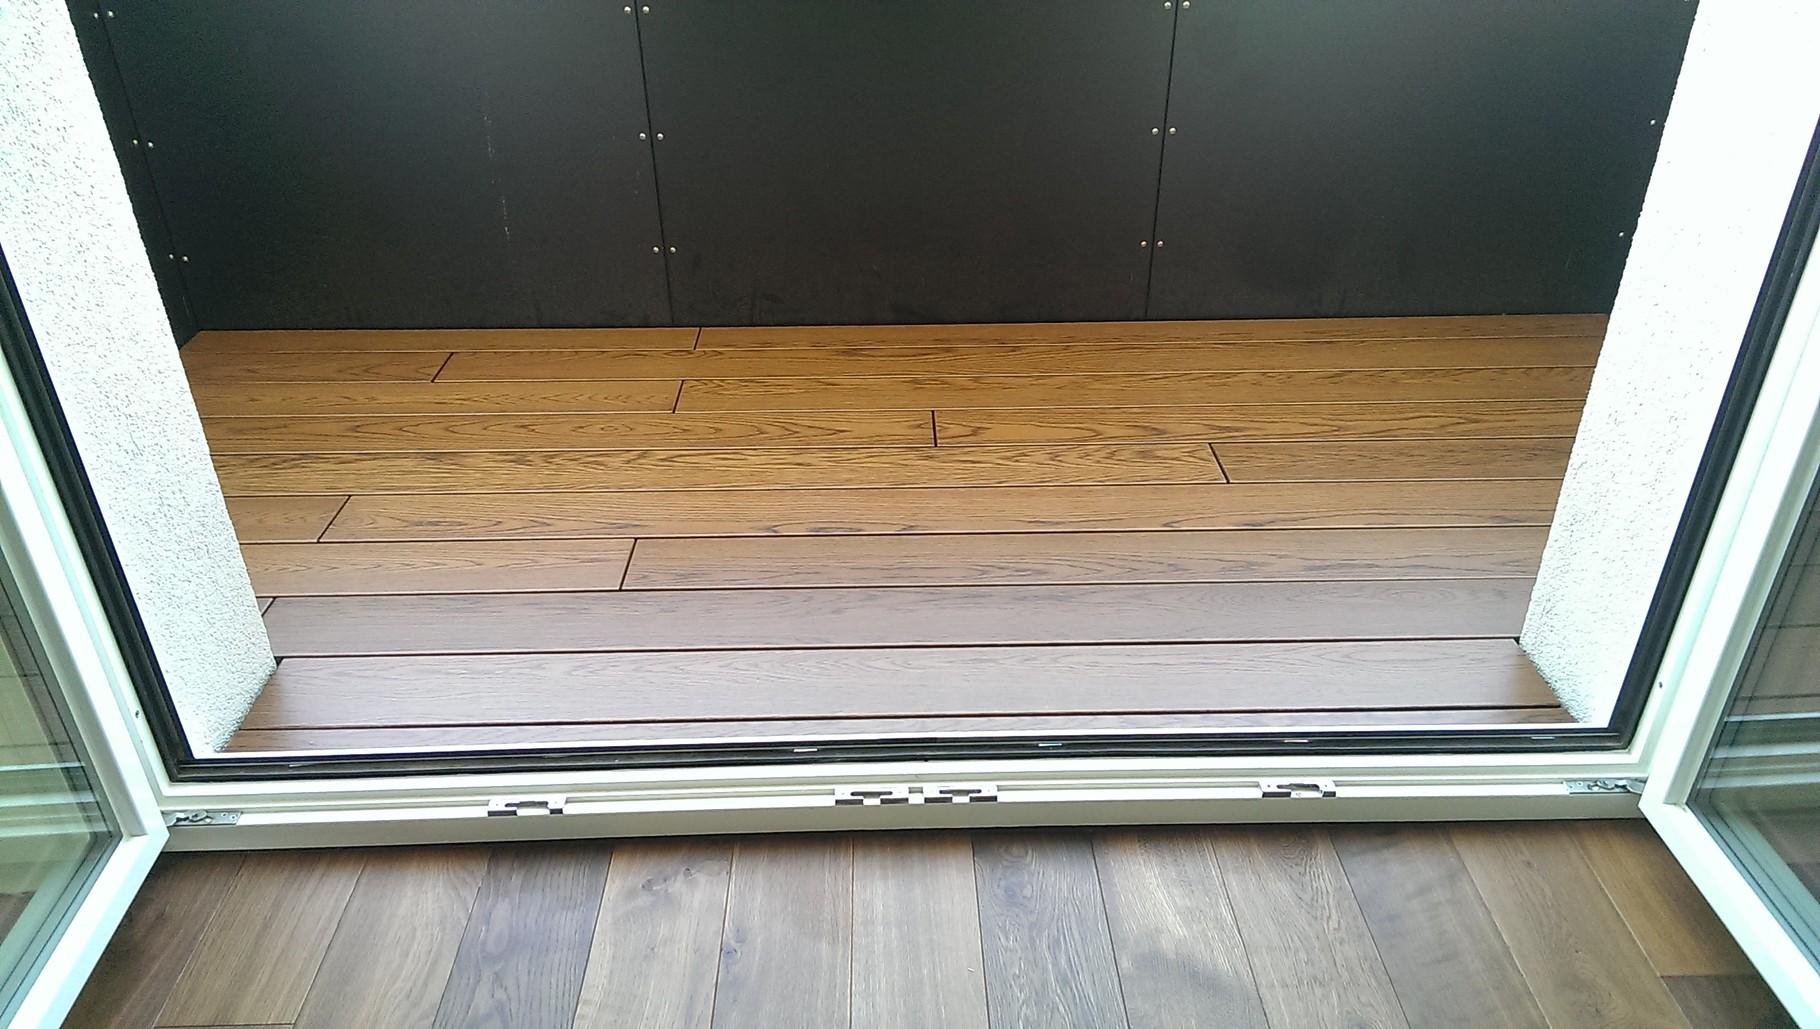 Sanierung eines Balkons mit Echtholzdielen 10Jahre Garantie, wilde Verlegung  - Mario Bogisch Bausysteme